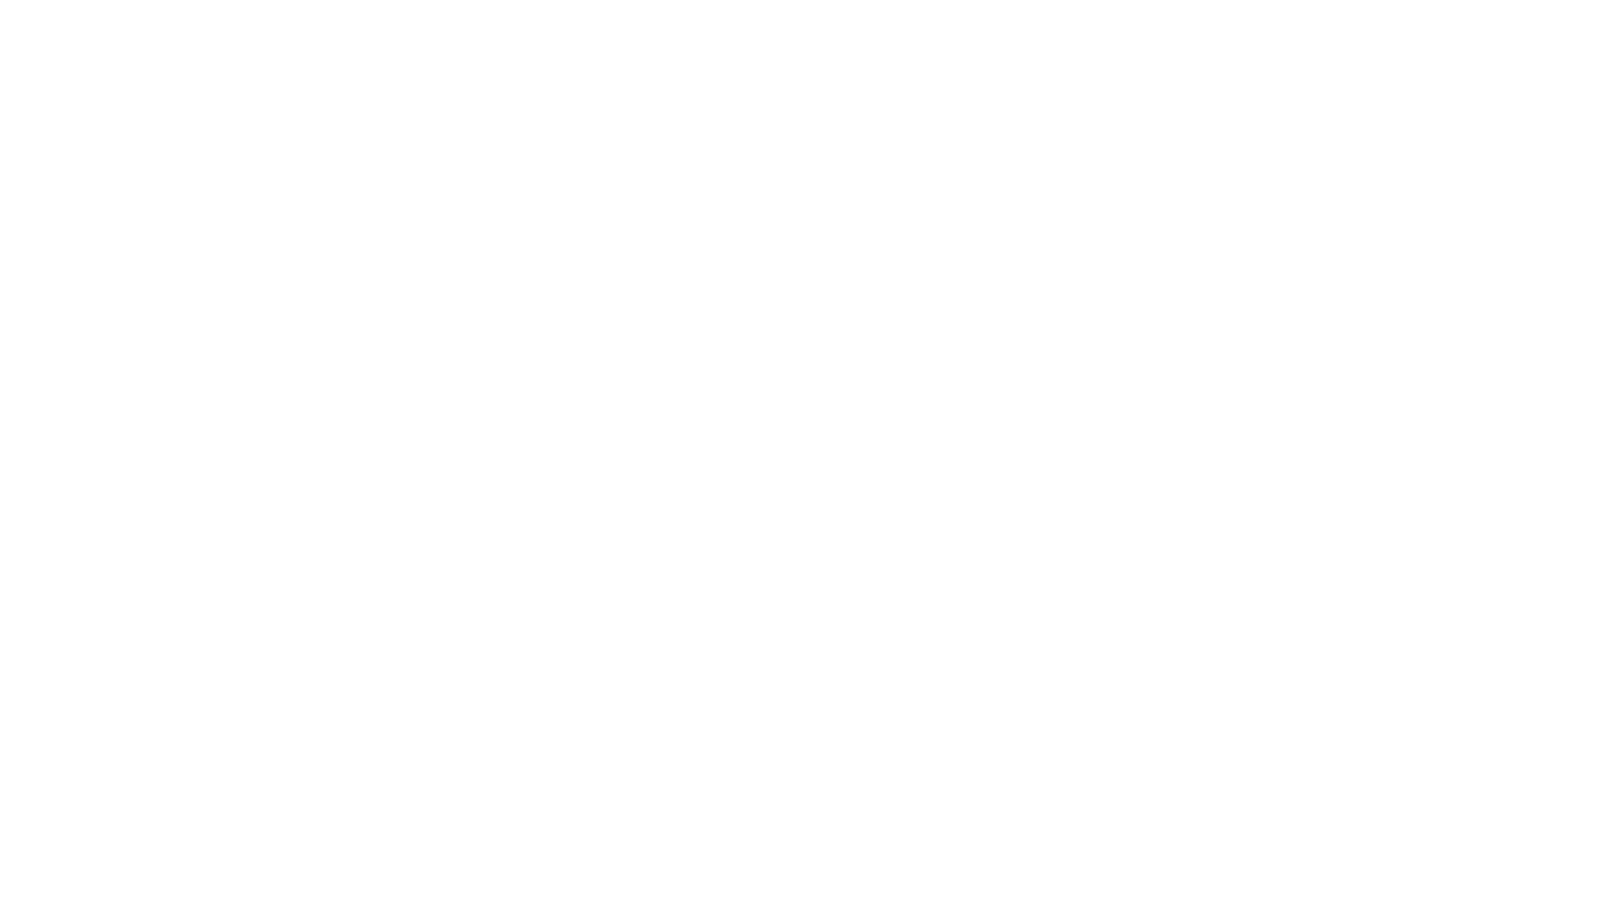 「いわての空を価値ある未来へ」 ドローンピーク(岩手県滝沢市)では空撮業務、ドローンスクール事業をサービス展開しています。 お仕事の依頼はTEL 019-646-5377、メール info@dronepeak.jp  WEBの問合せ( https://dronepeak.jp/contact.html )からどうぞ。 ☆☆☆チャンネル登録もお願いします♪☆☆☆